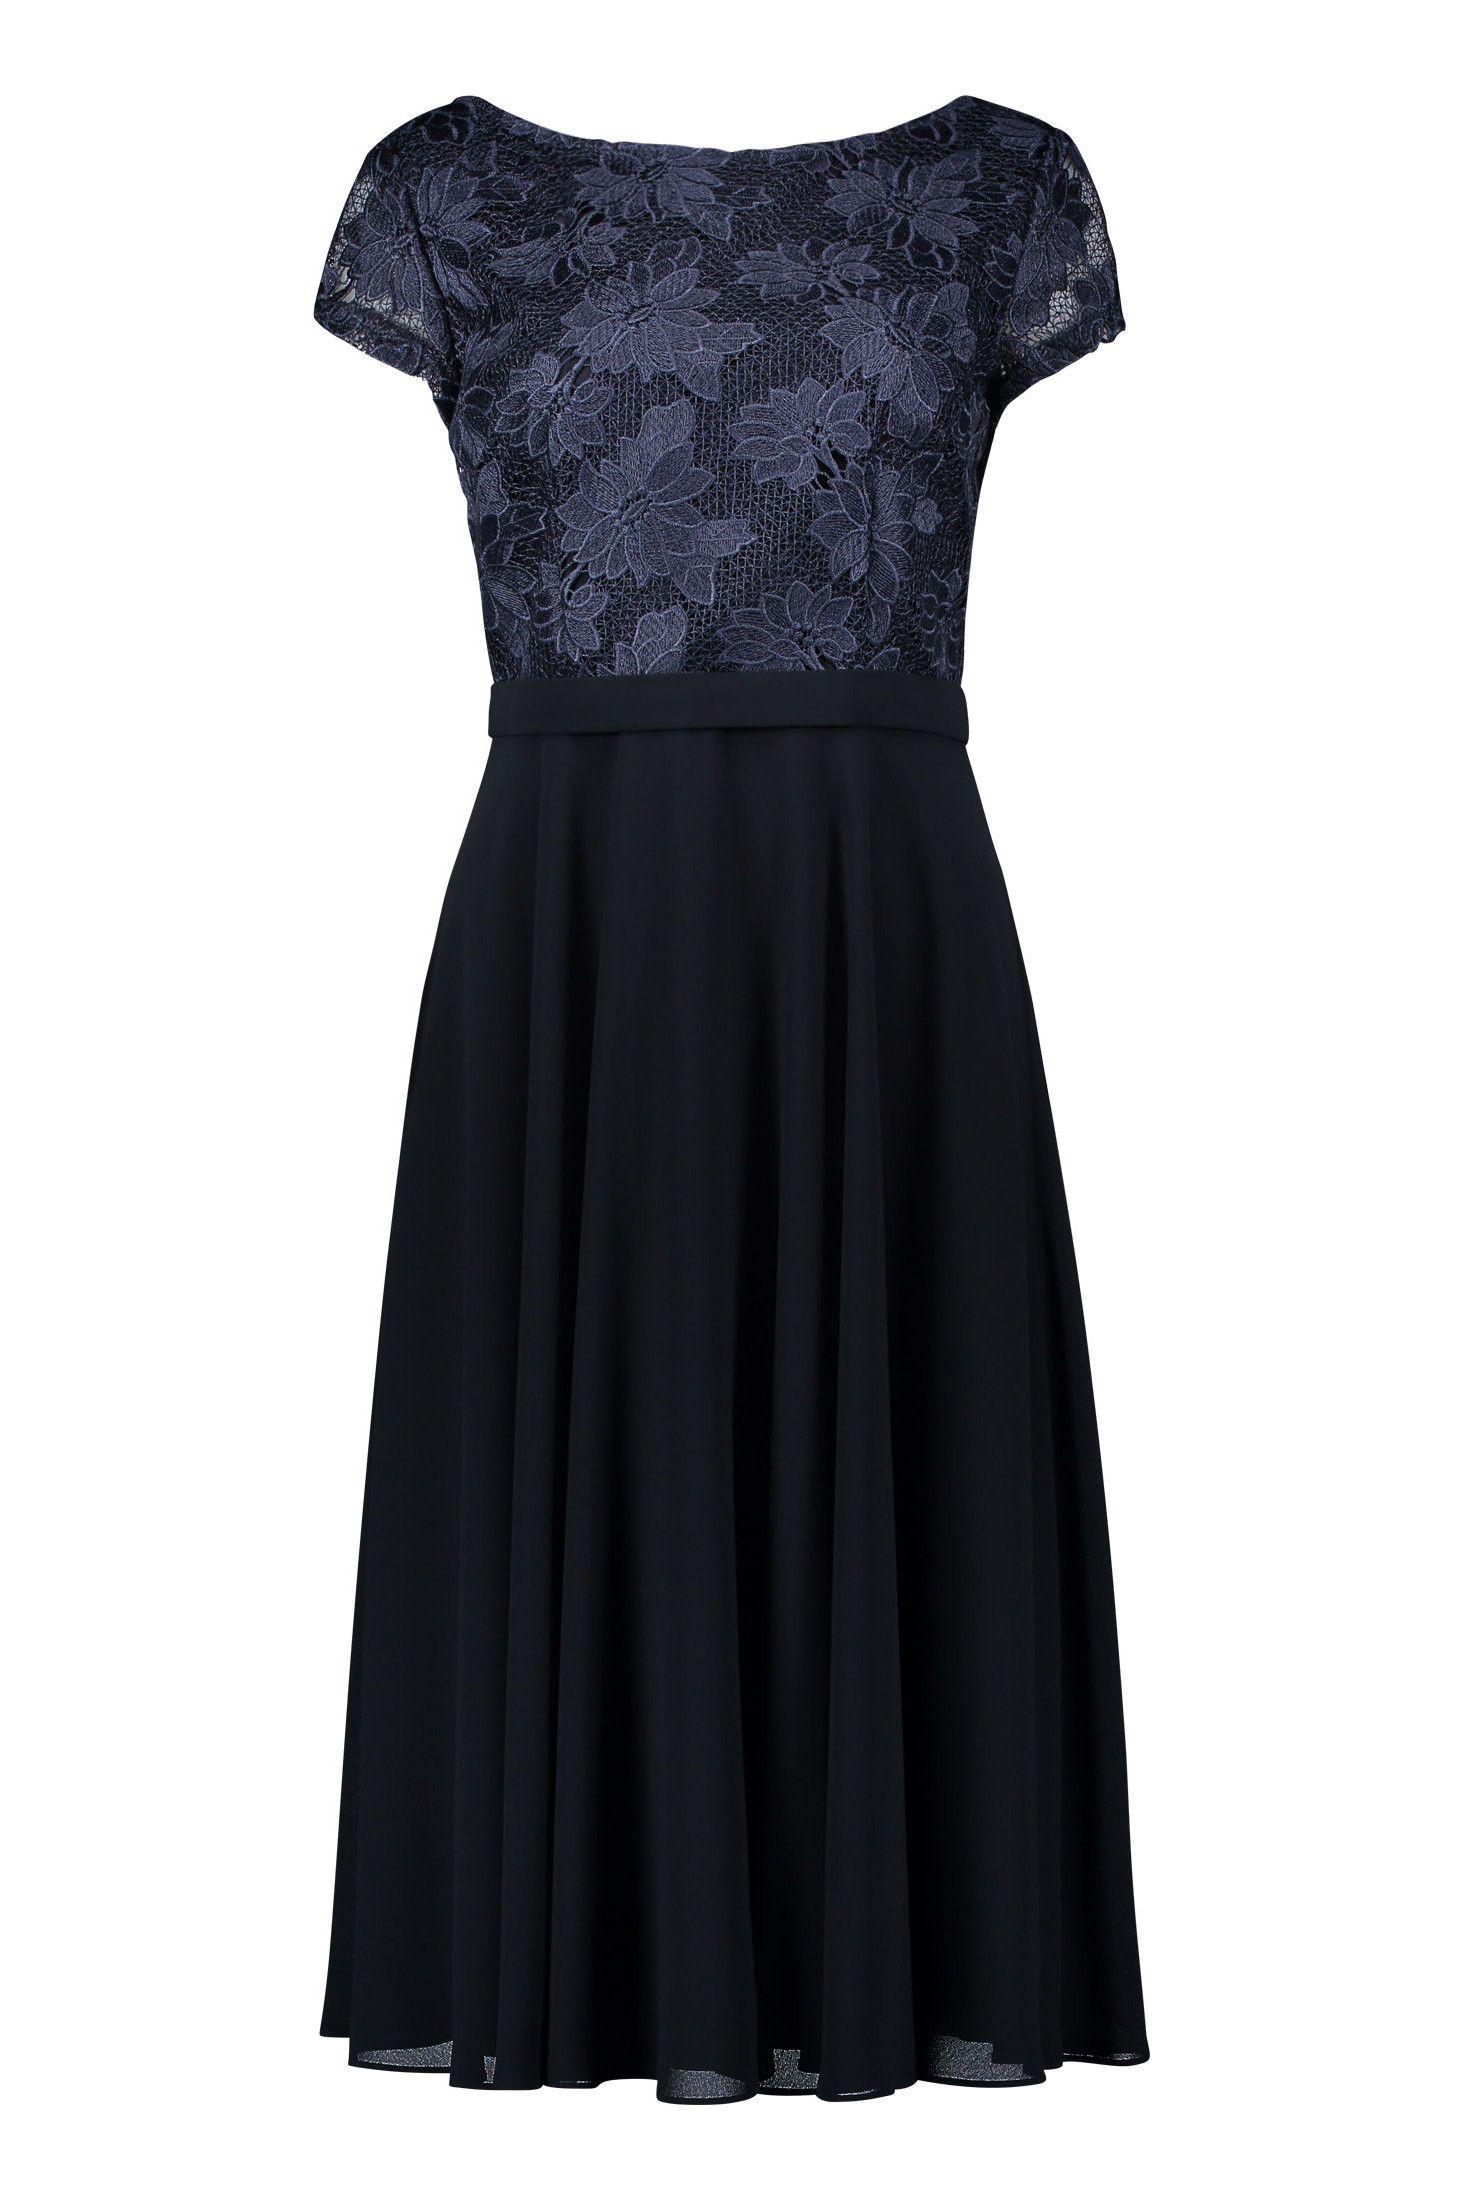 Kleid Blutenspitze Chiffon Nachtblau Vera Mont Mode Bosckens Kleider Tanzkleider Modestil